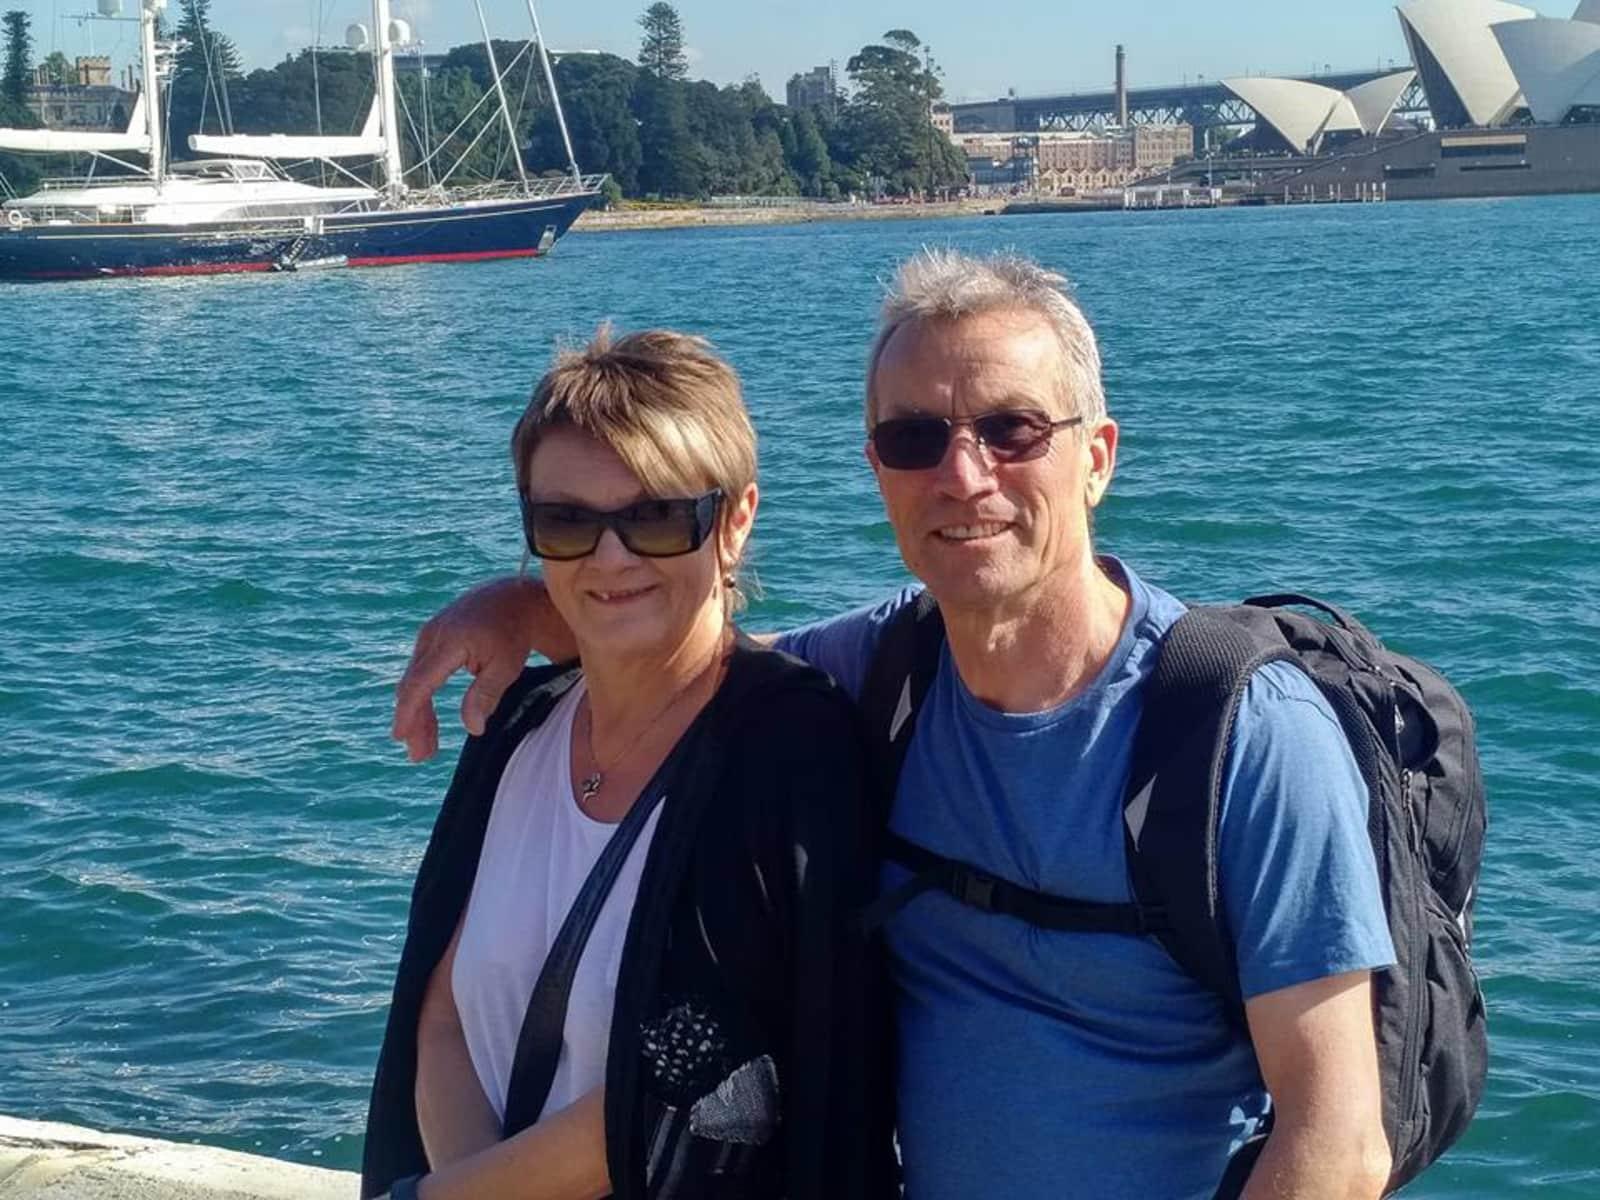 Chris & Martin from Brisbane, Queensland, Australia